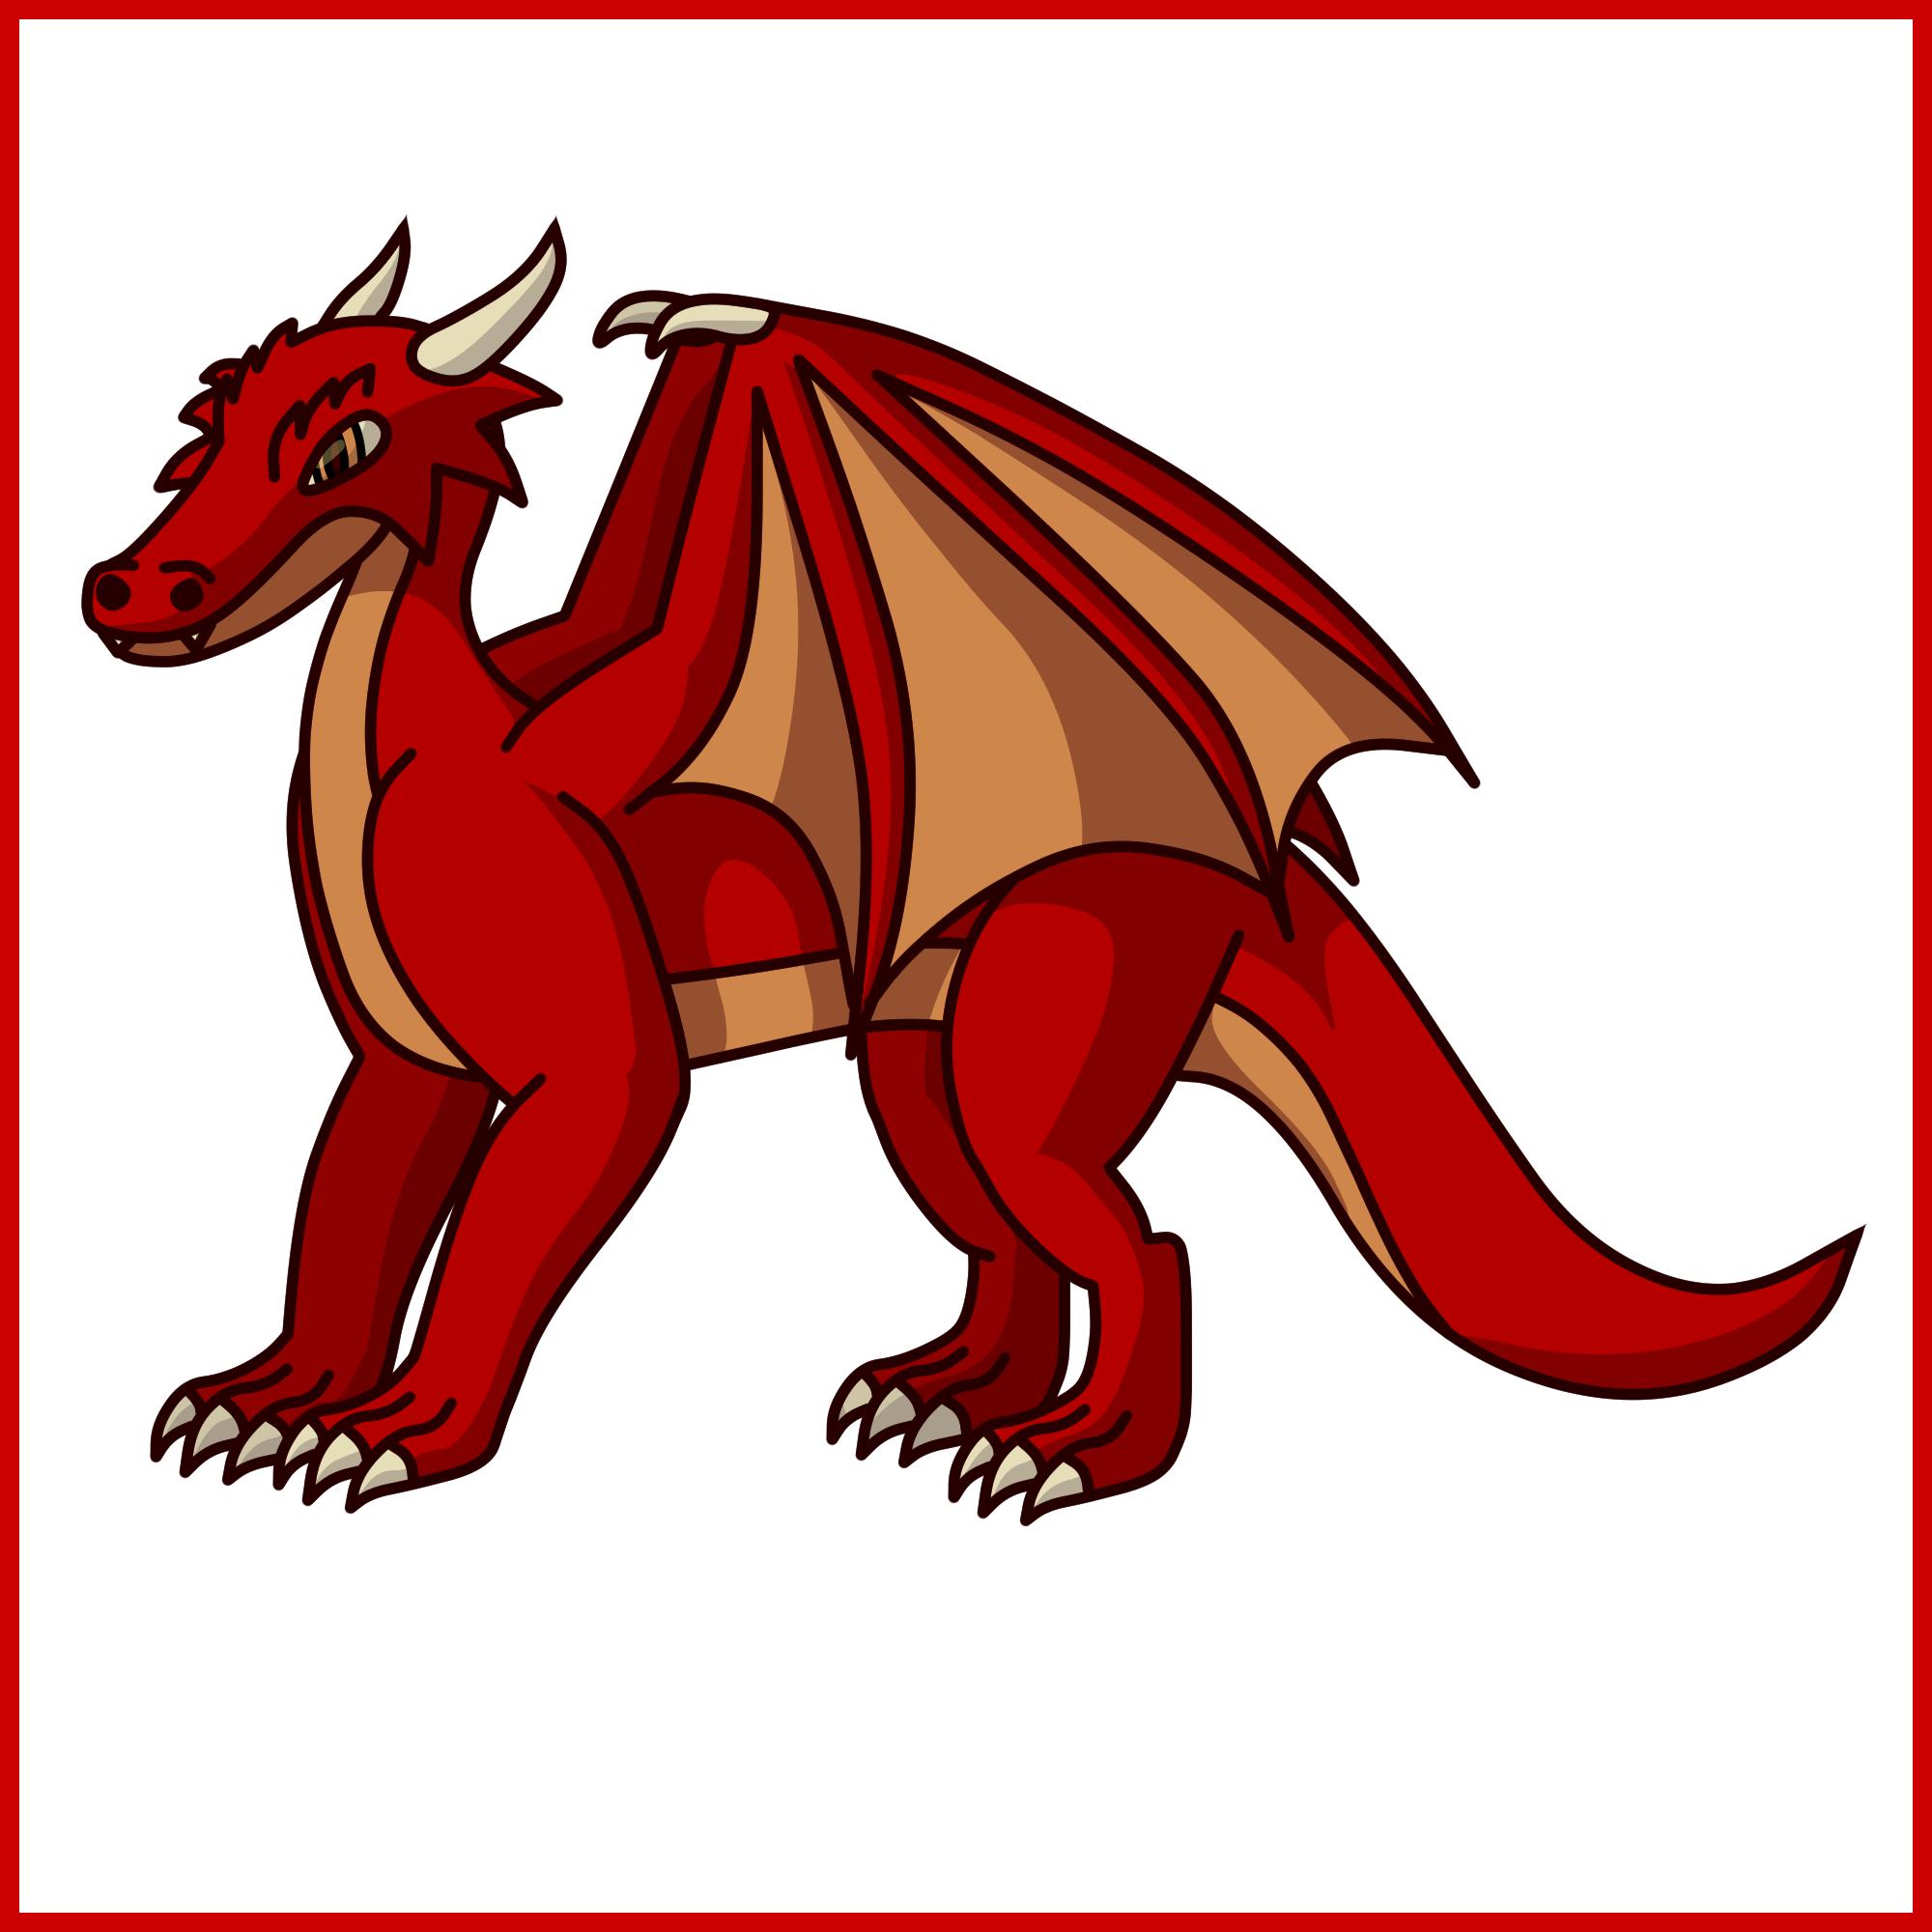 Dragon - Simple Concept Art by Draggaco